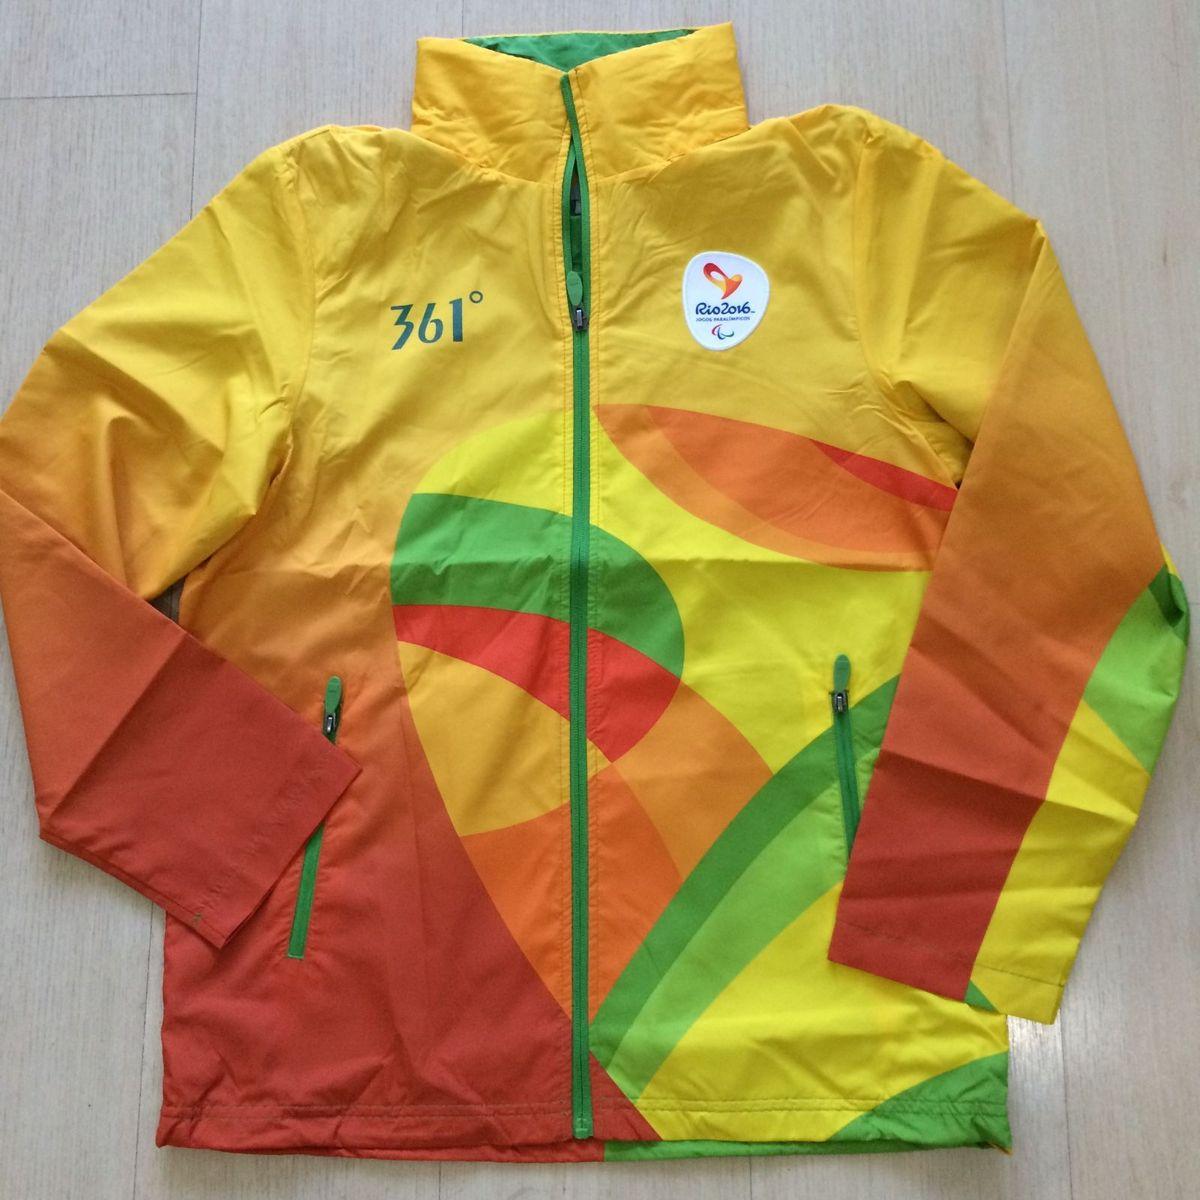 jaqueta olimpíadas rio 2016 - casaquinhos 361º